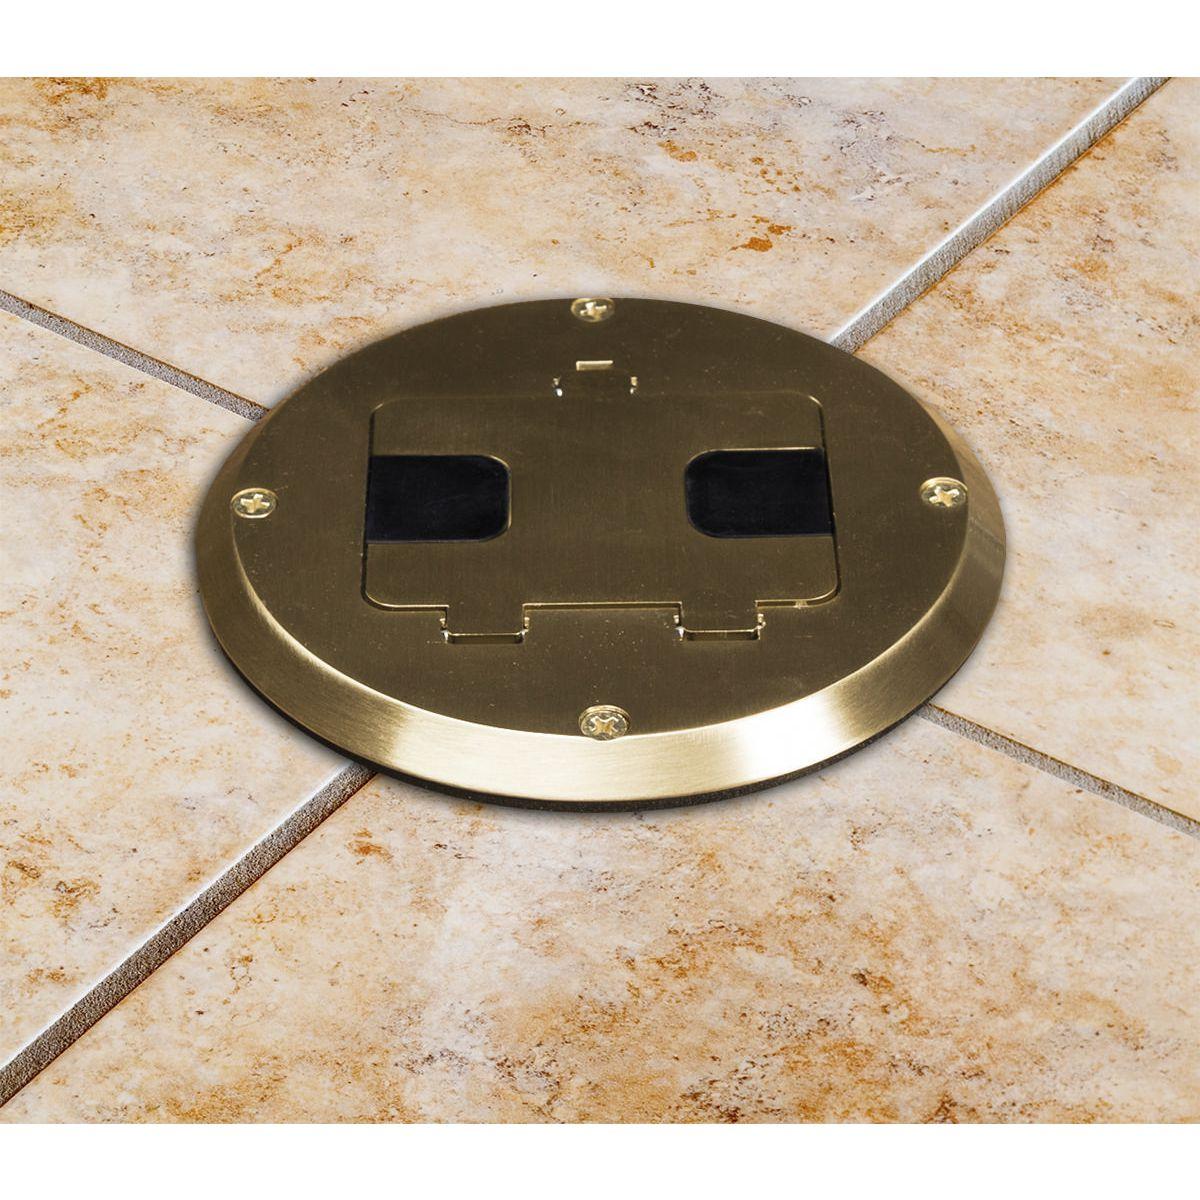 hubbell floor box installation instructions